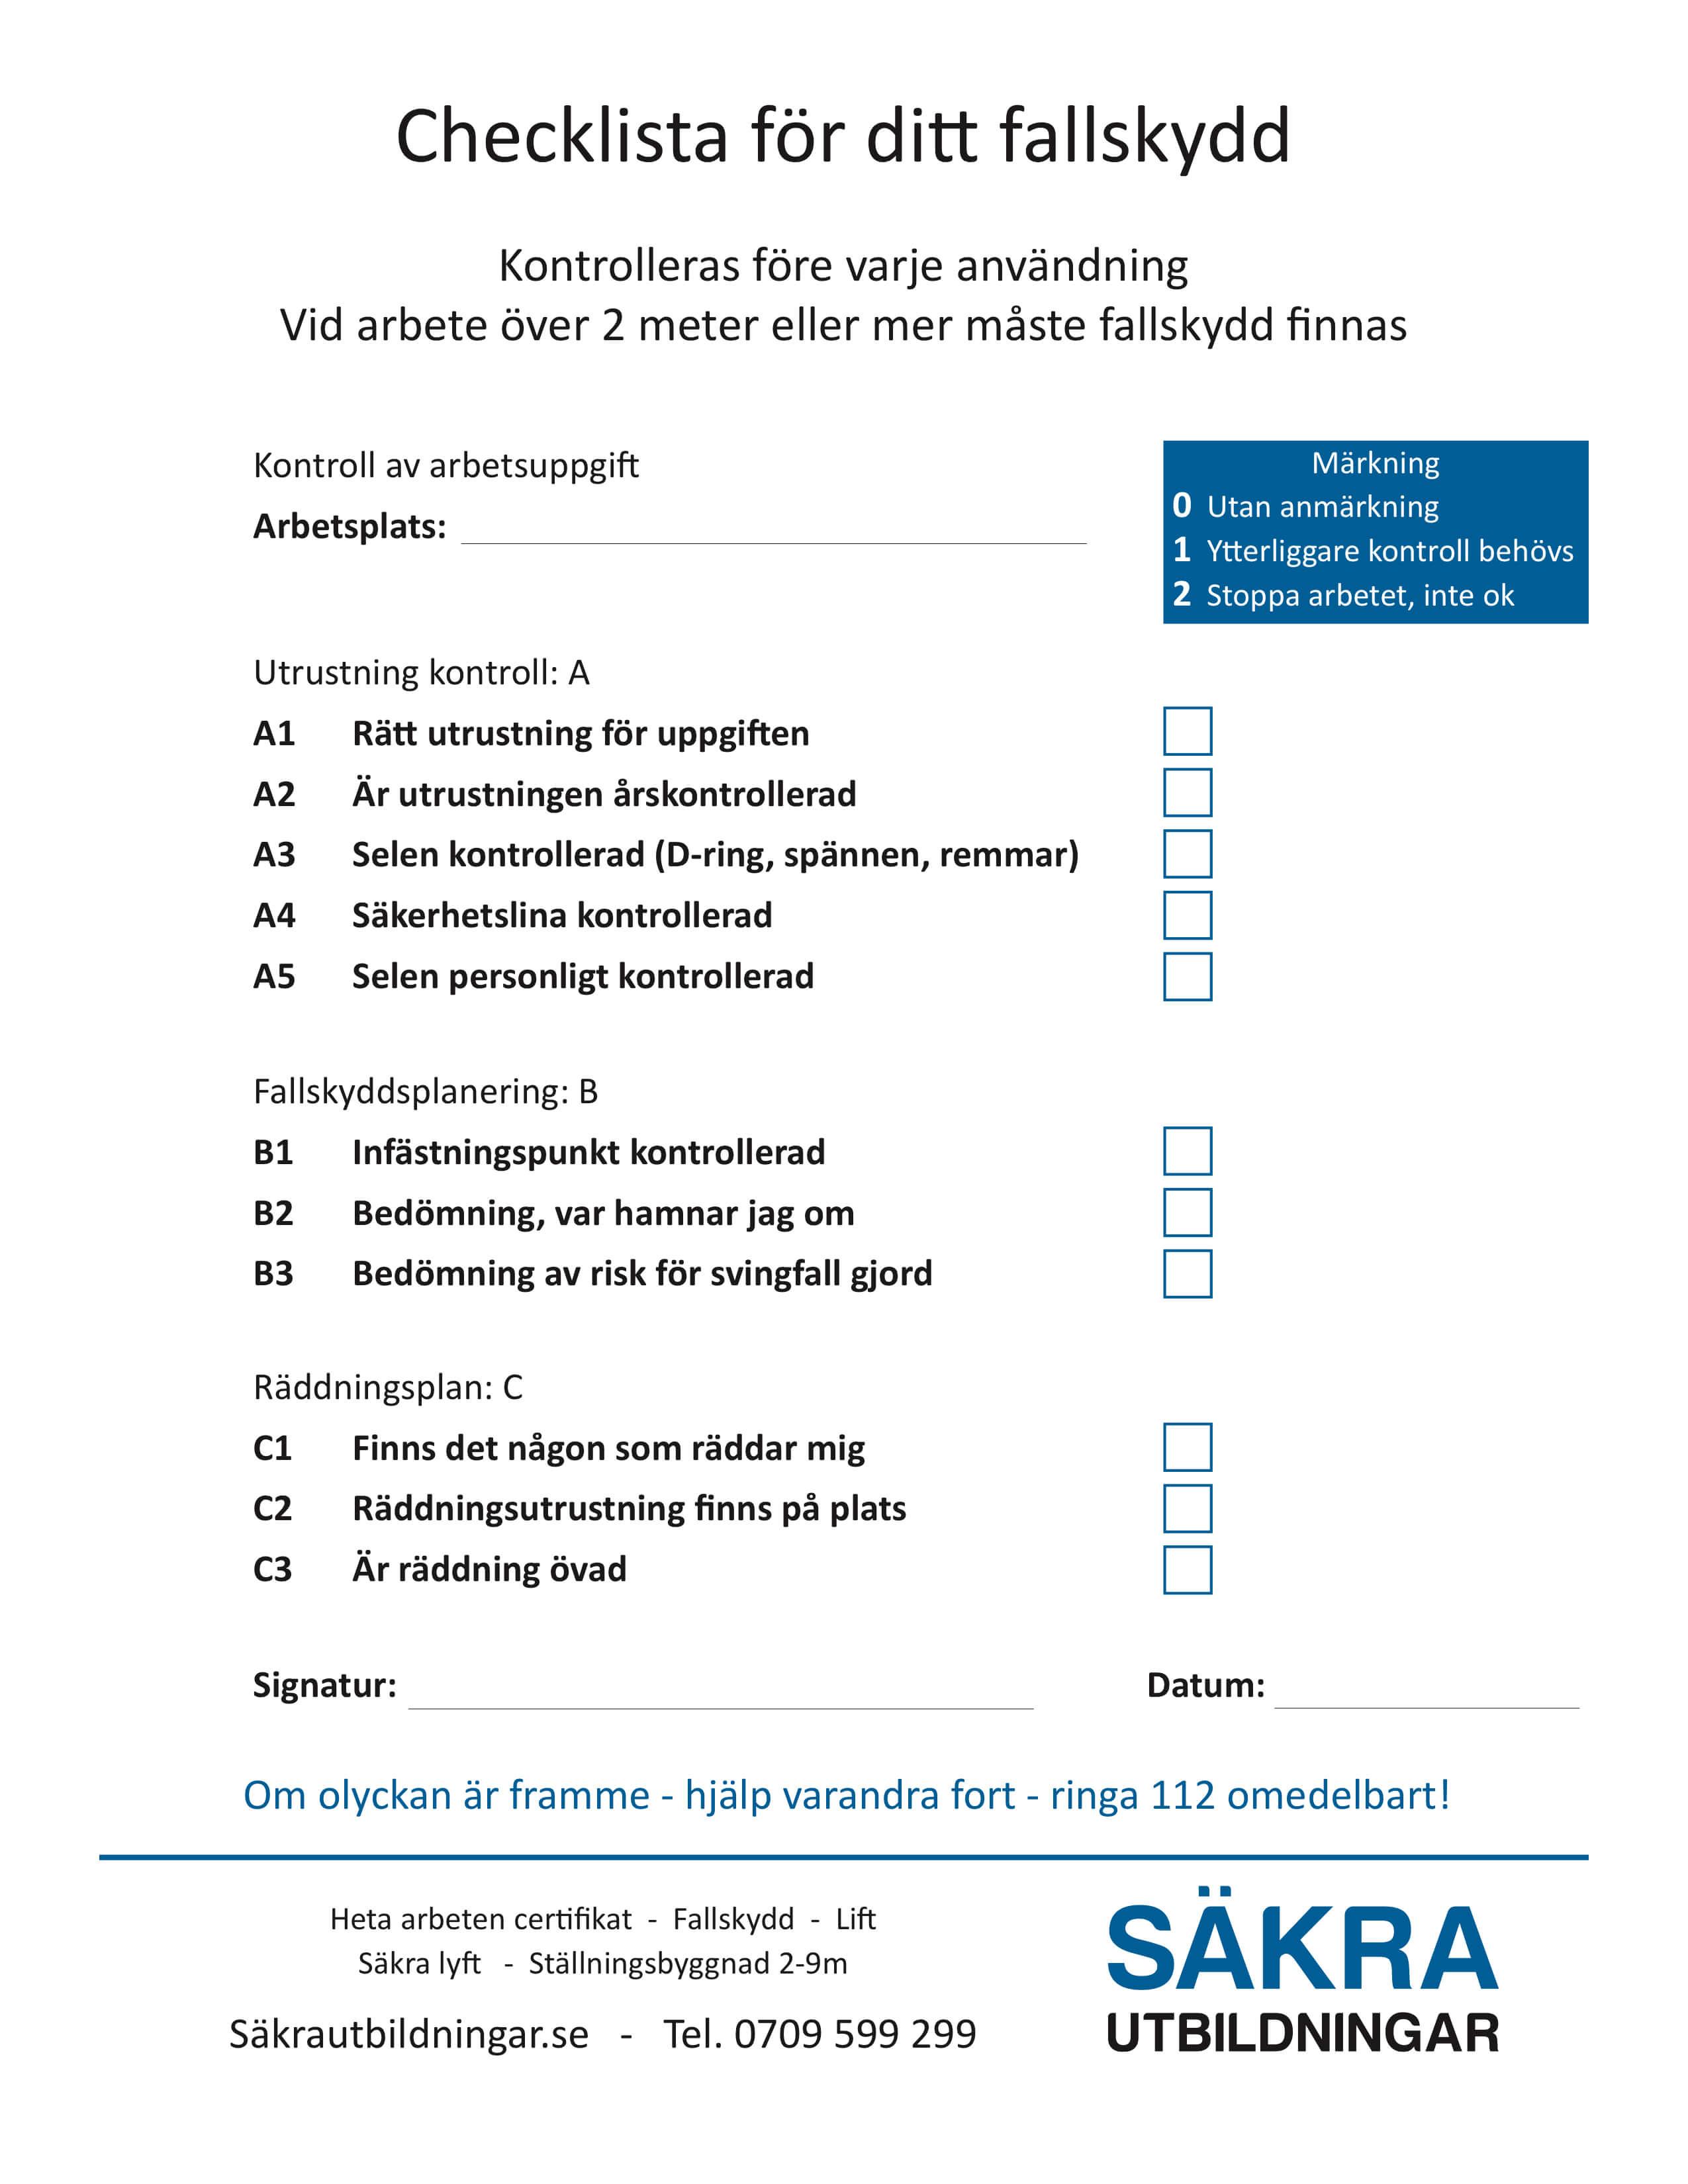 Checklista fallskydd | Säkra Utbildningar